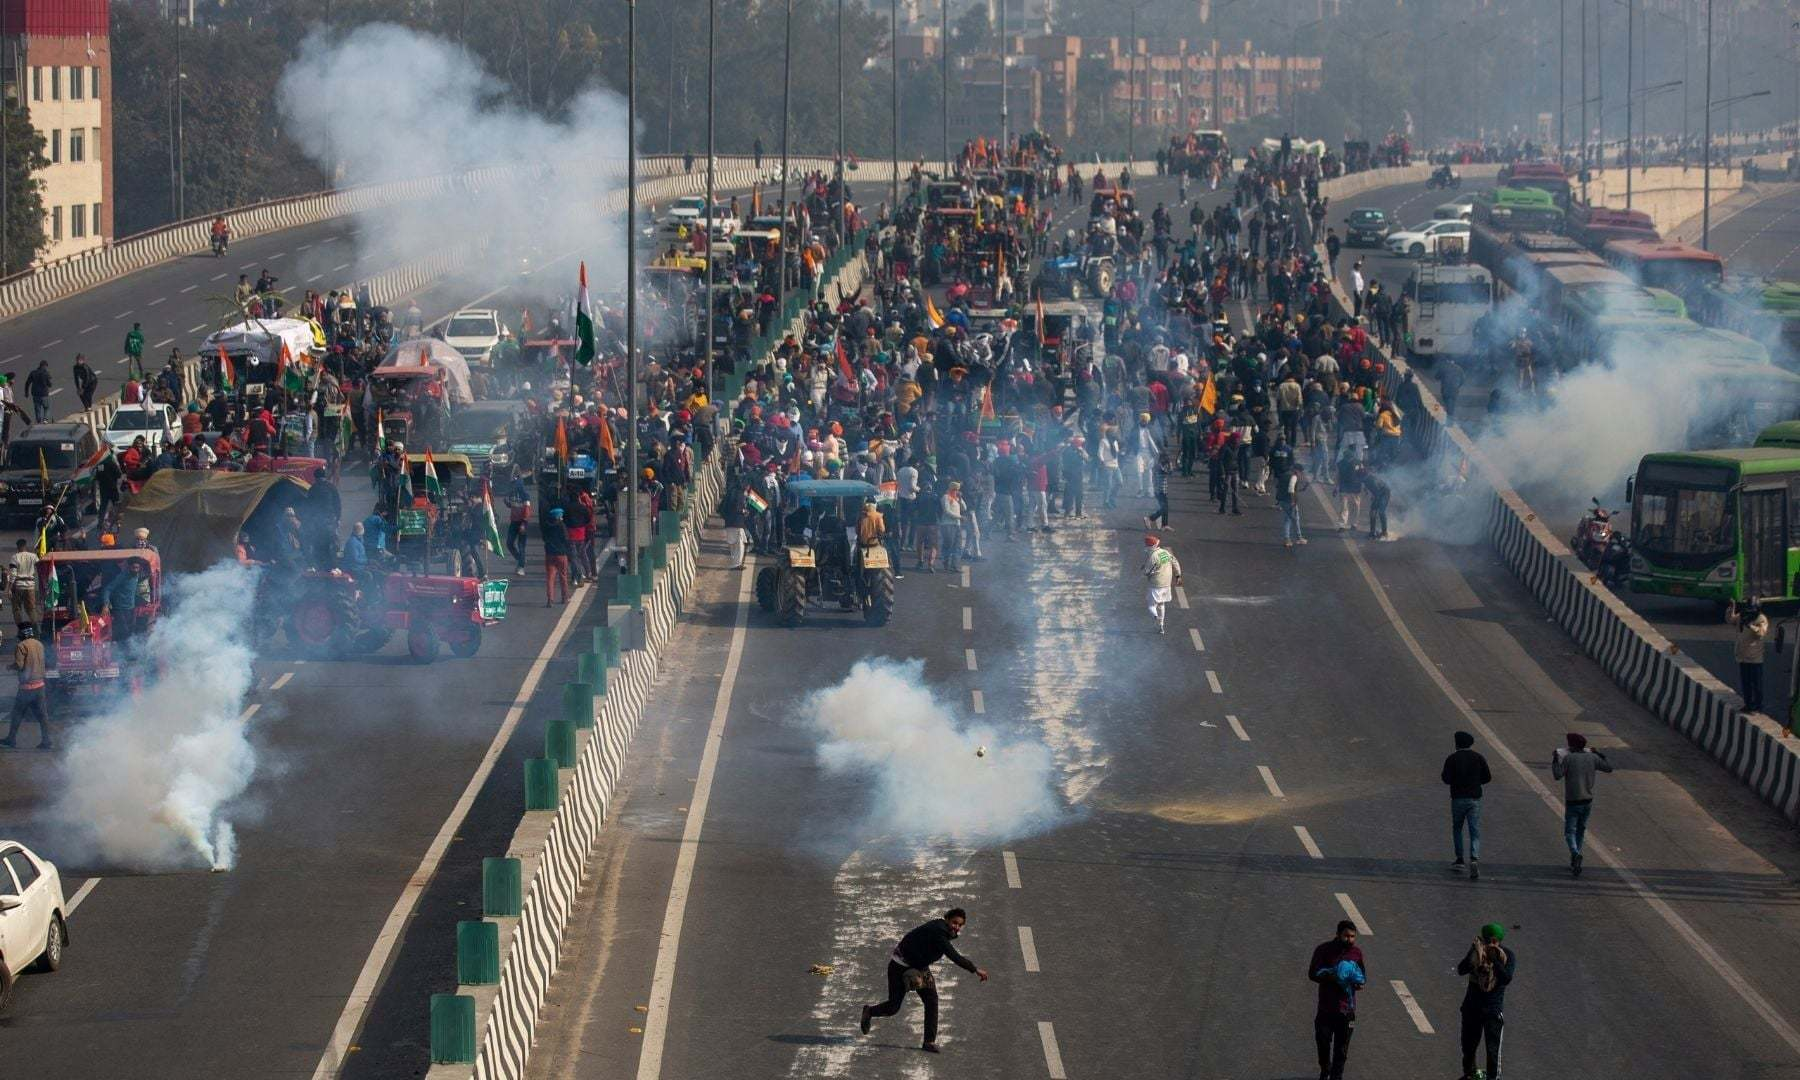 دہلی پولیس اور مظاہرین کے درمیان جھڑپیں بھی ہوئیں — فوٹو: اے پی